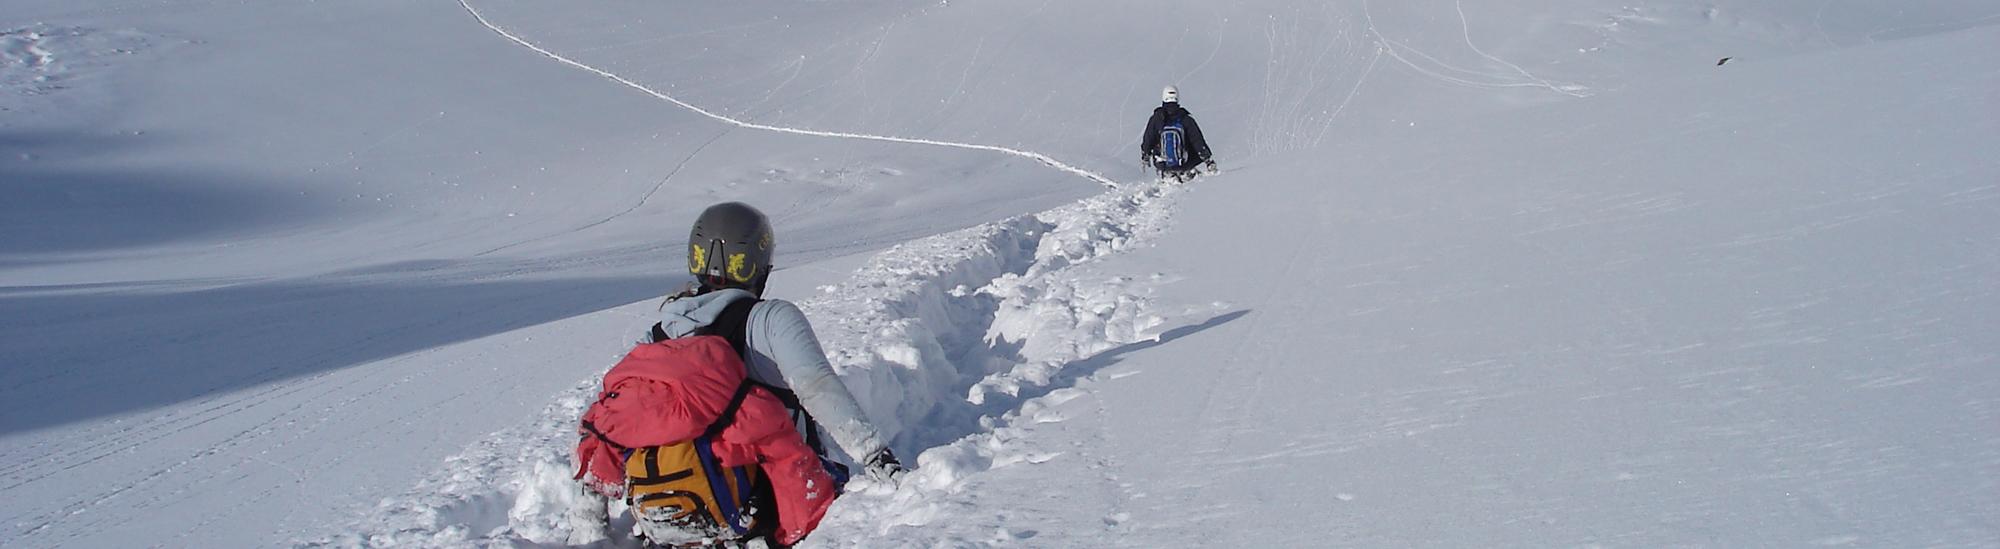 Дуссе-Алинь по снегу